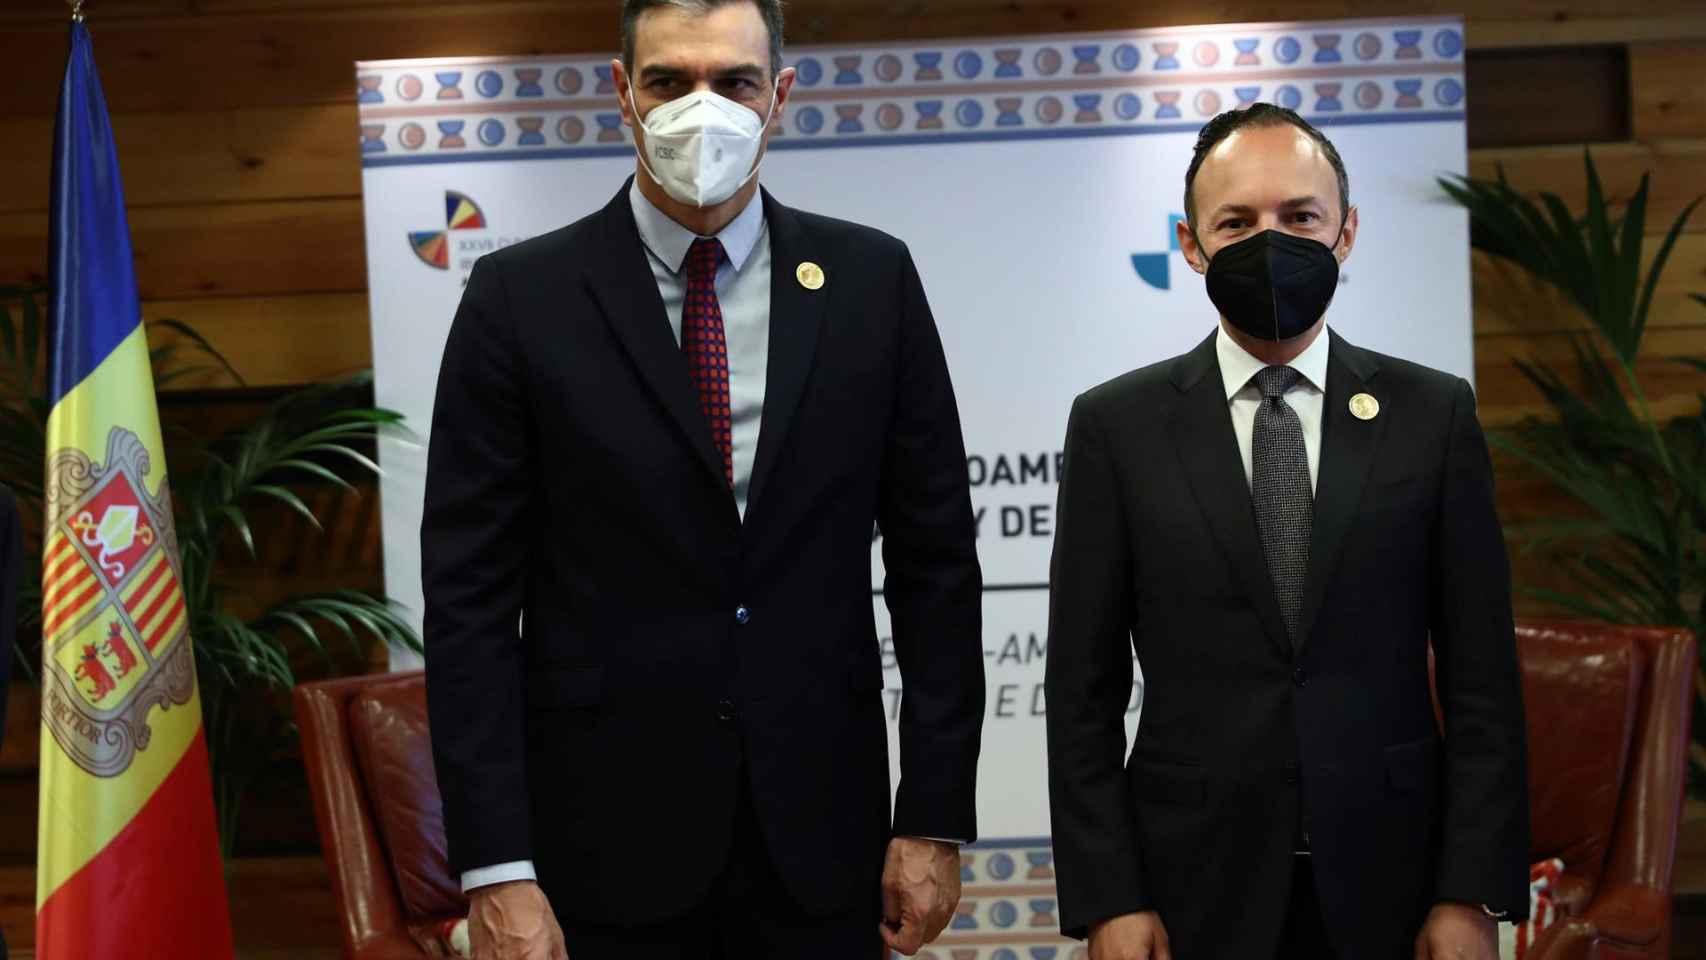 El presidente del Gobierno, Pedro Sánchez, es recibido por el de Andorra, Xavier Espot. Efe